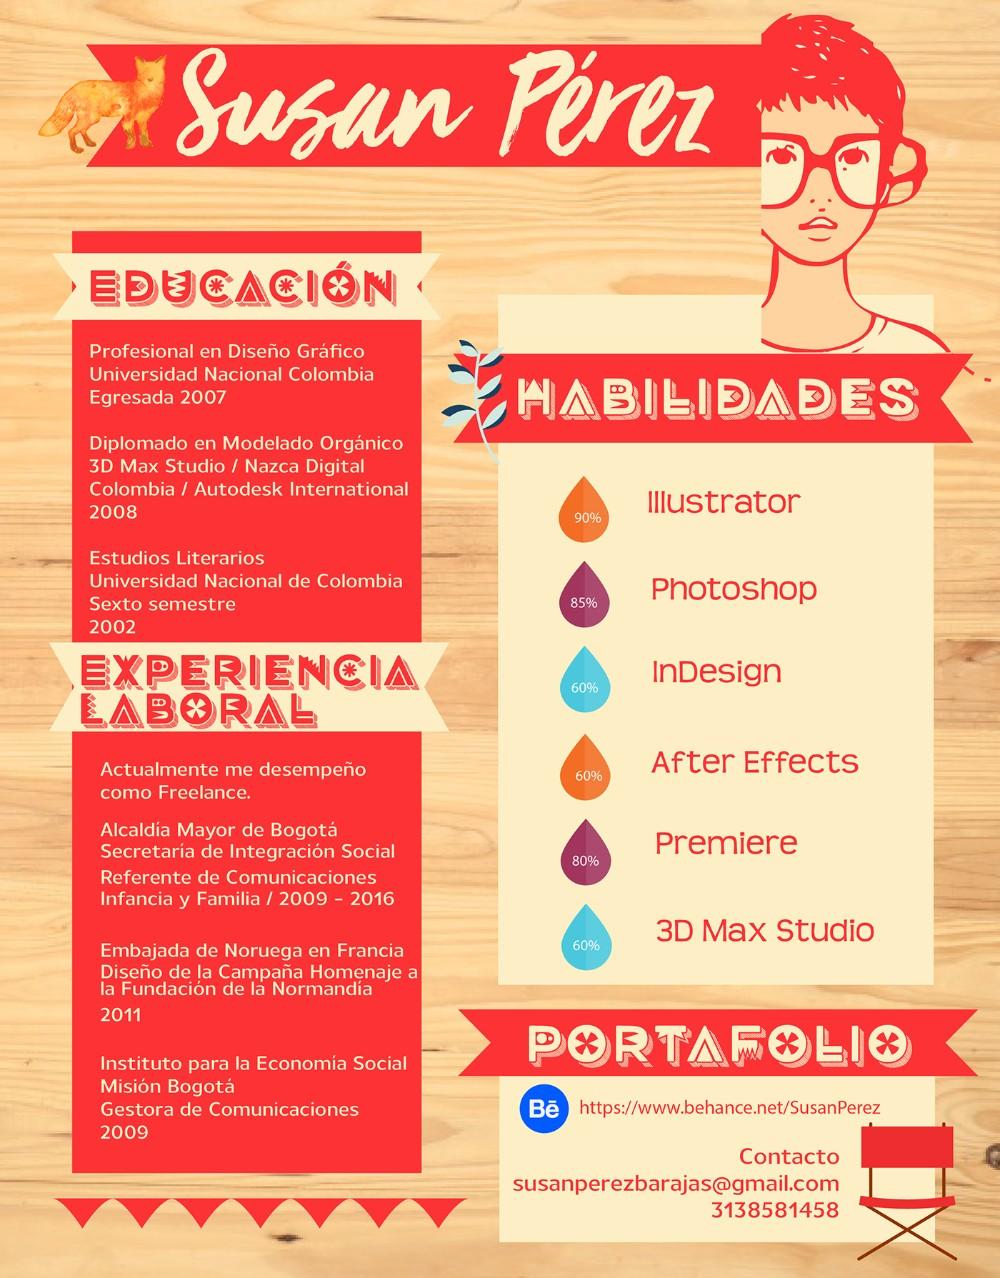 6 claves de redacción para un CV y diseños para inspirarte | paredro.com